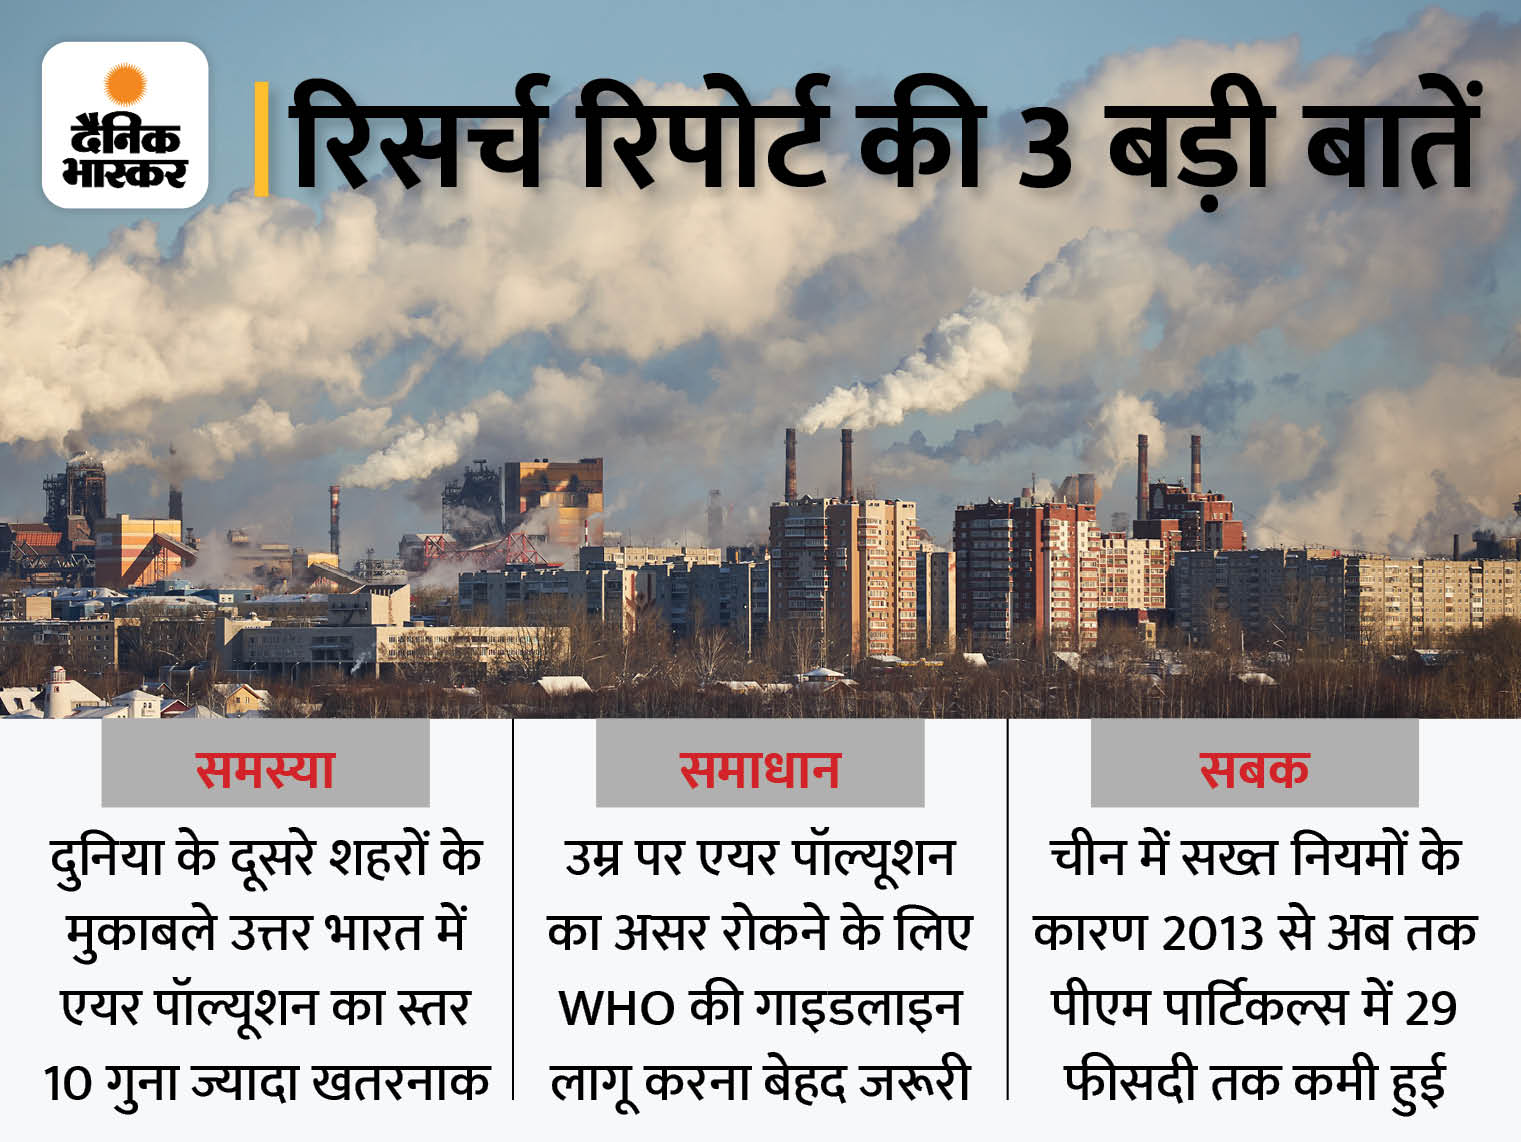 वायु प्रदूषण के कारण भारतीयों की उम्र 9 साल तक घट सकती है उम्र, इसका सबसे बुरा असर उत्तर भारत के 48 करोड़ लोगों पर पड़ रहा|लाइफ & साइंस,Happy Life - Dainik Bhaskar